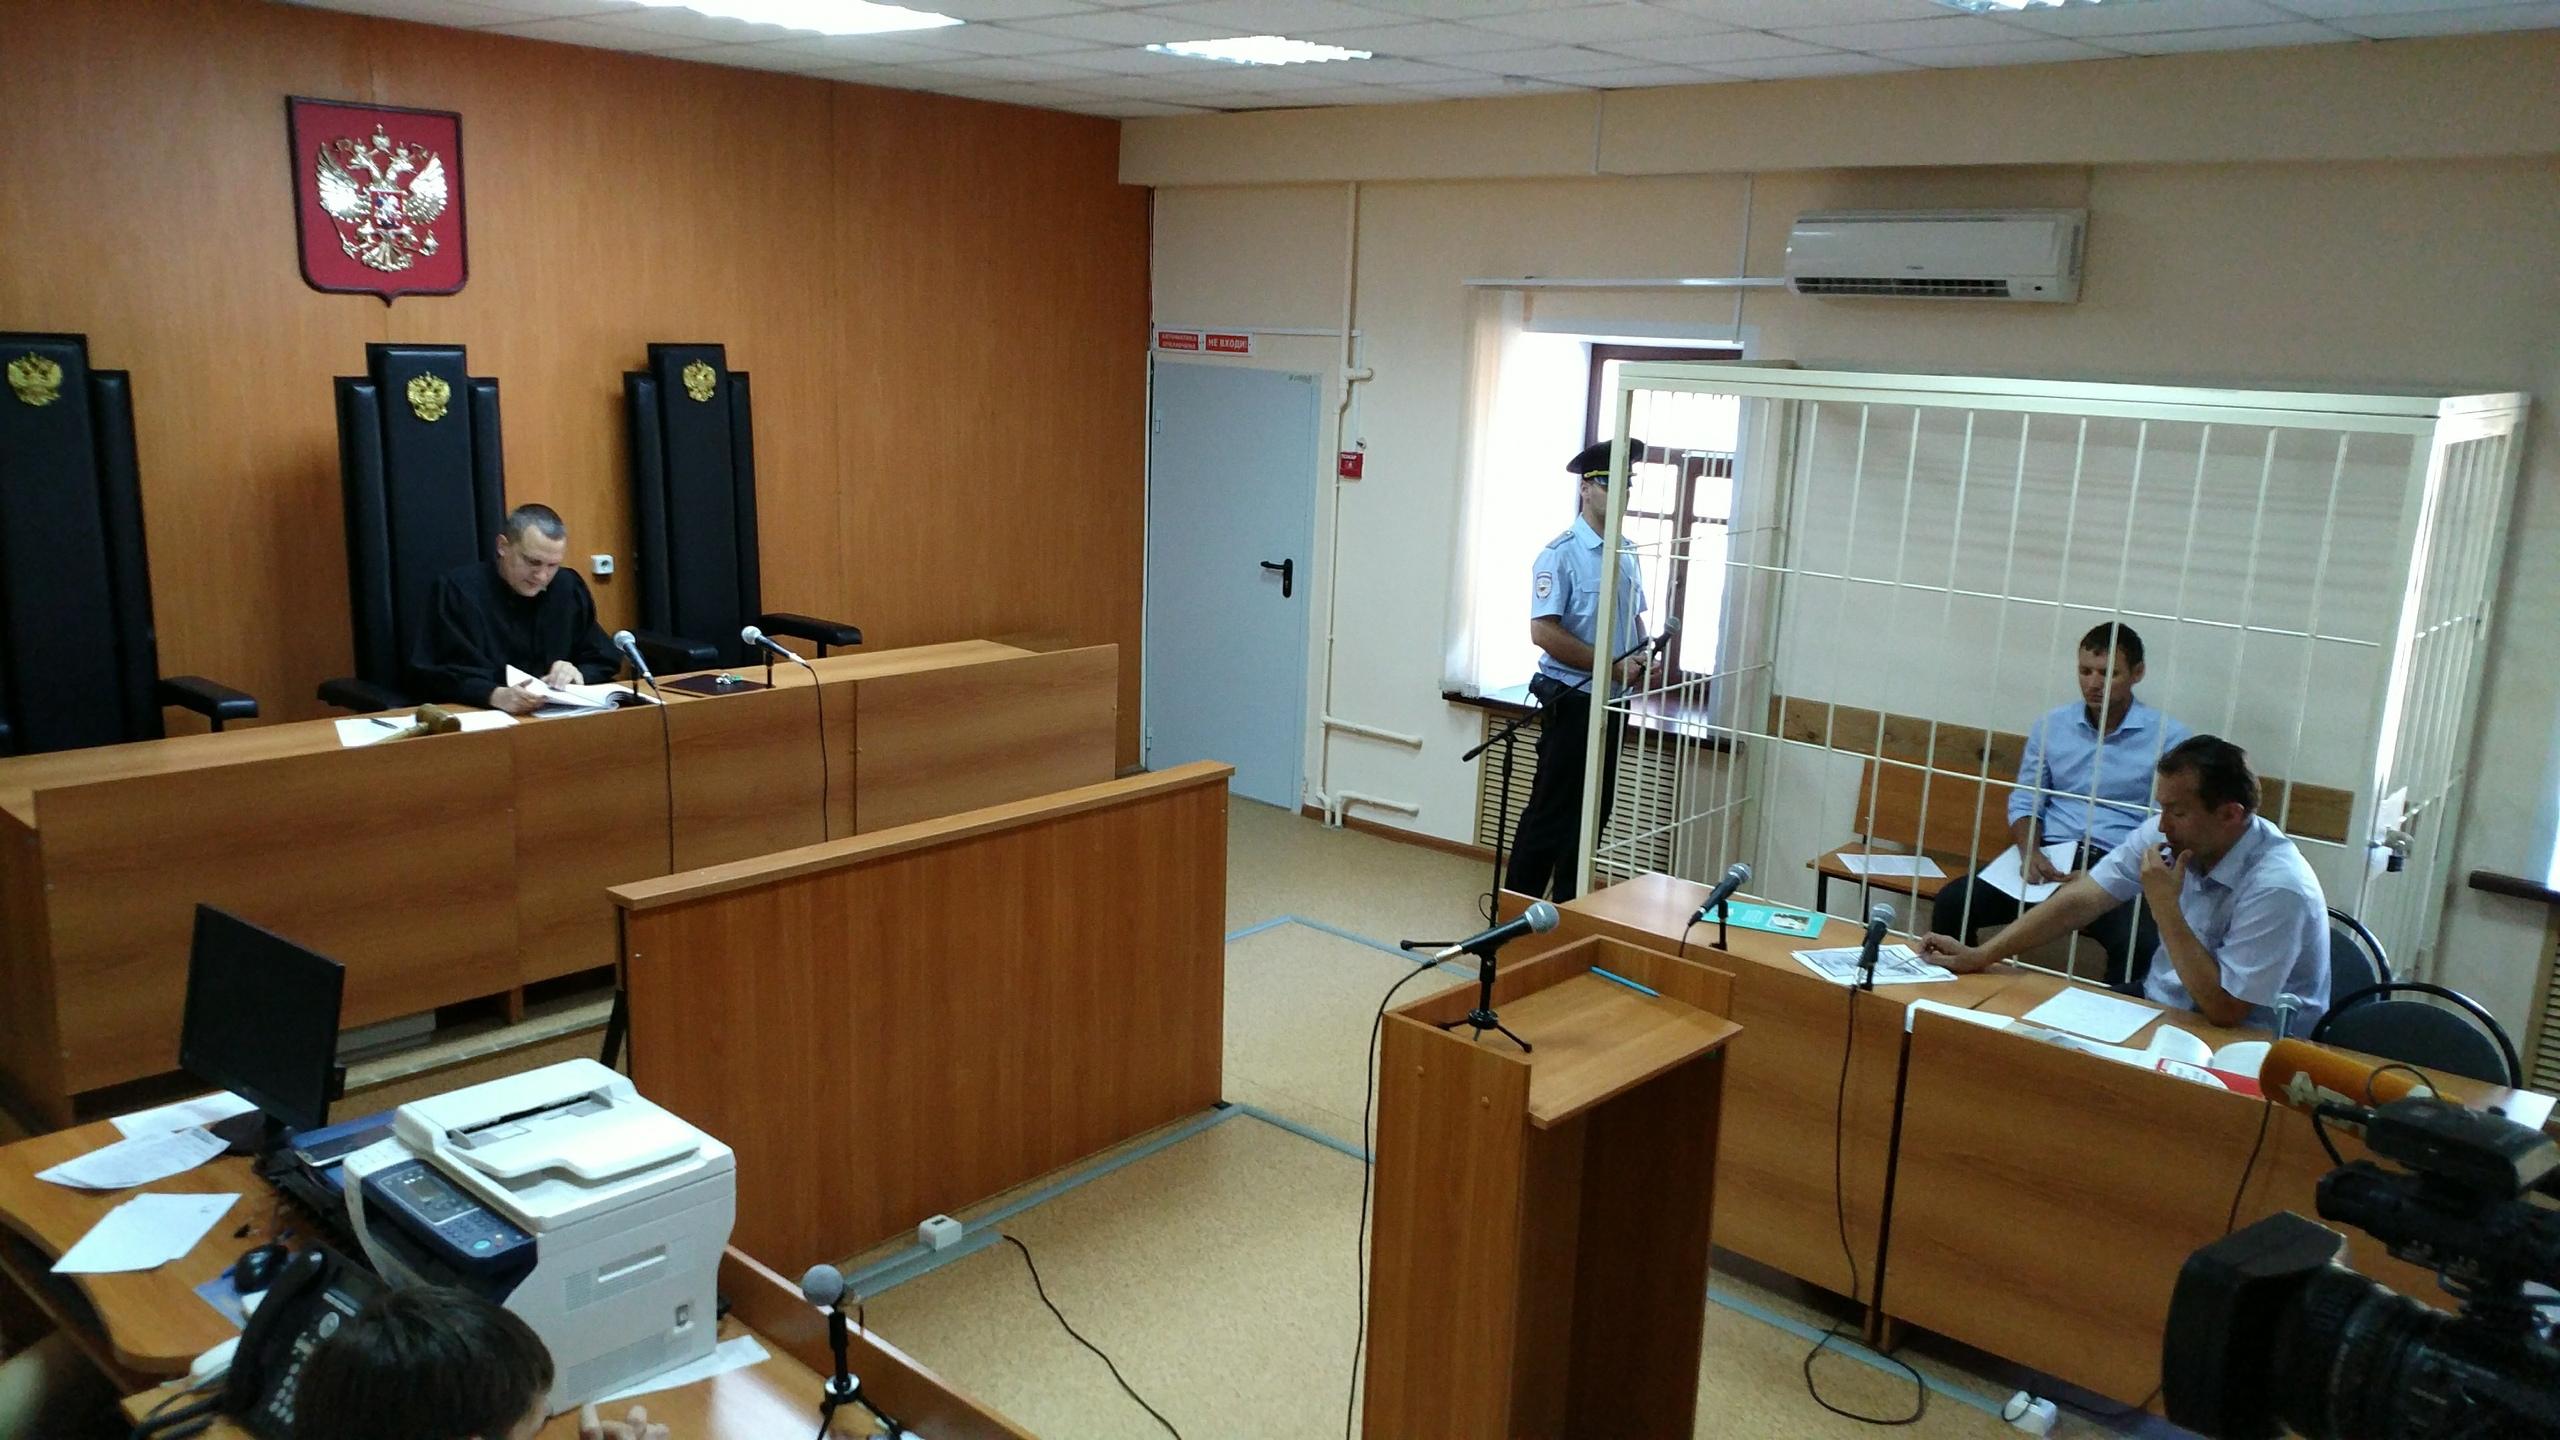 Судья зачитывает материалы дела